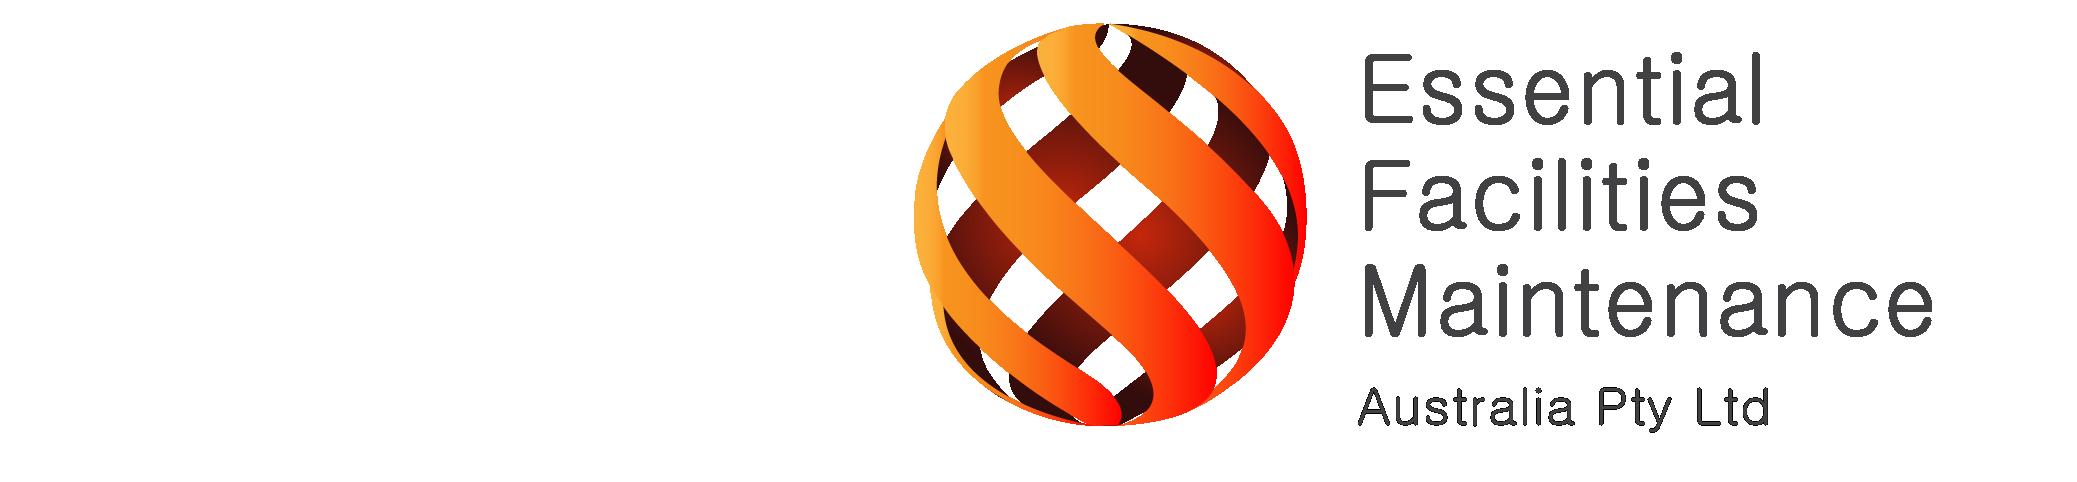 EFMA_Logo_Mobile-6